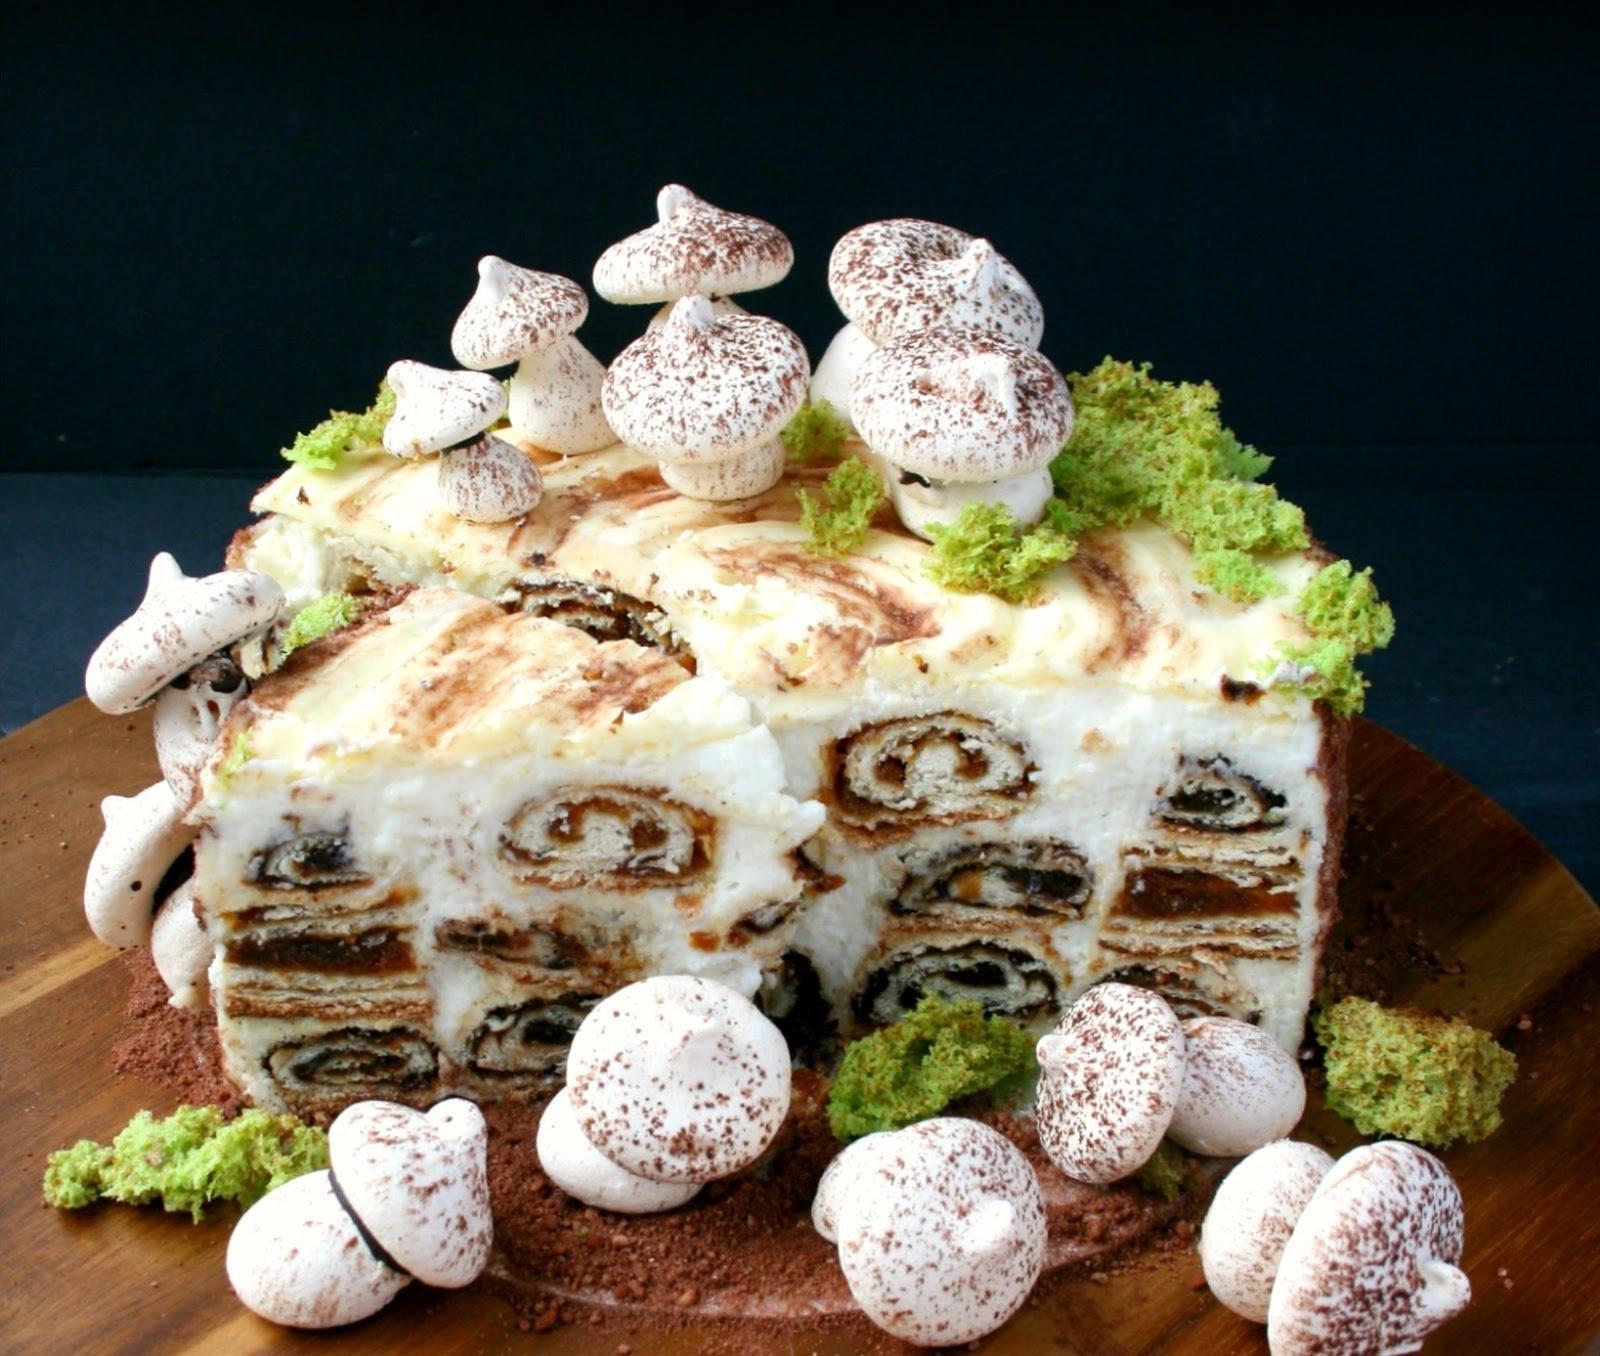 спящими рецепт торта трухлявый пень пошаговый с фото этом сам